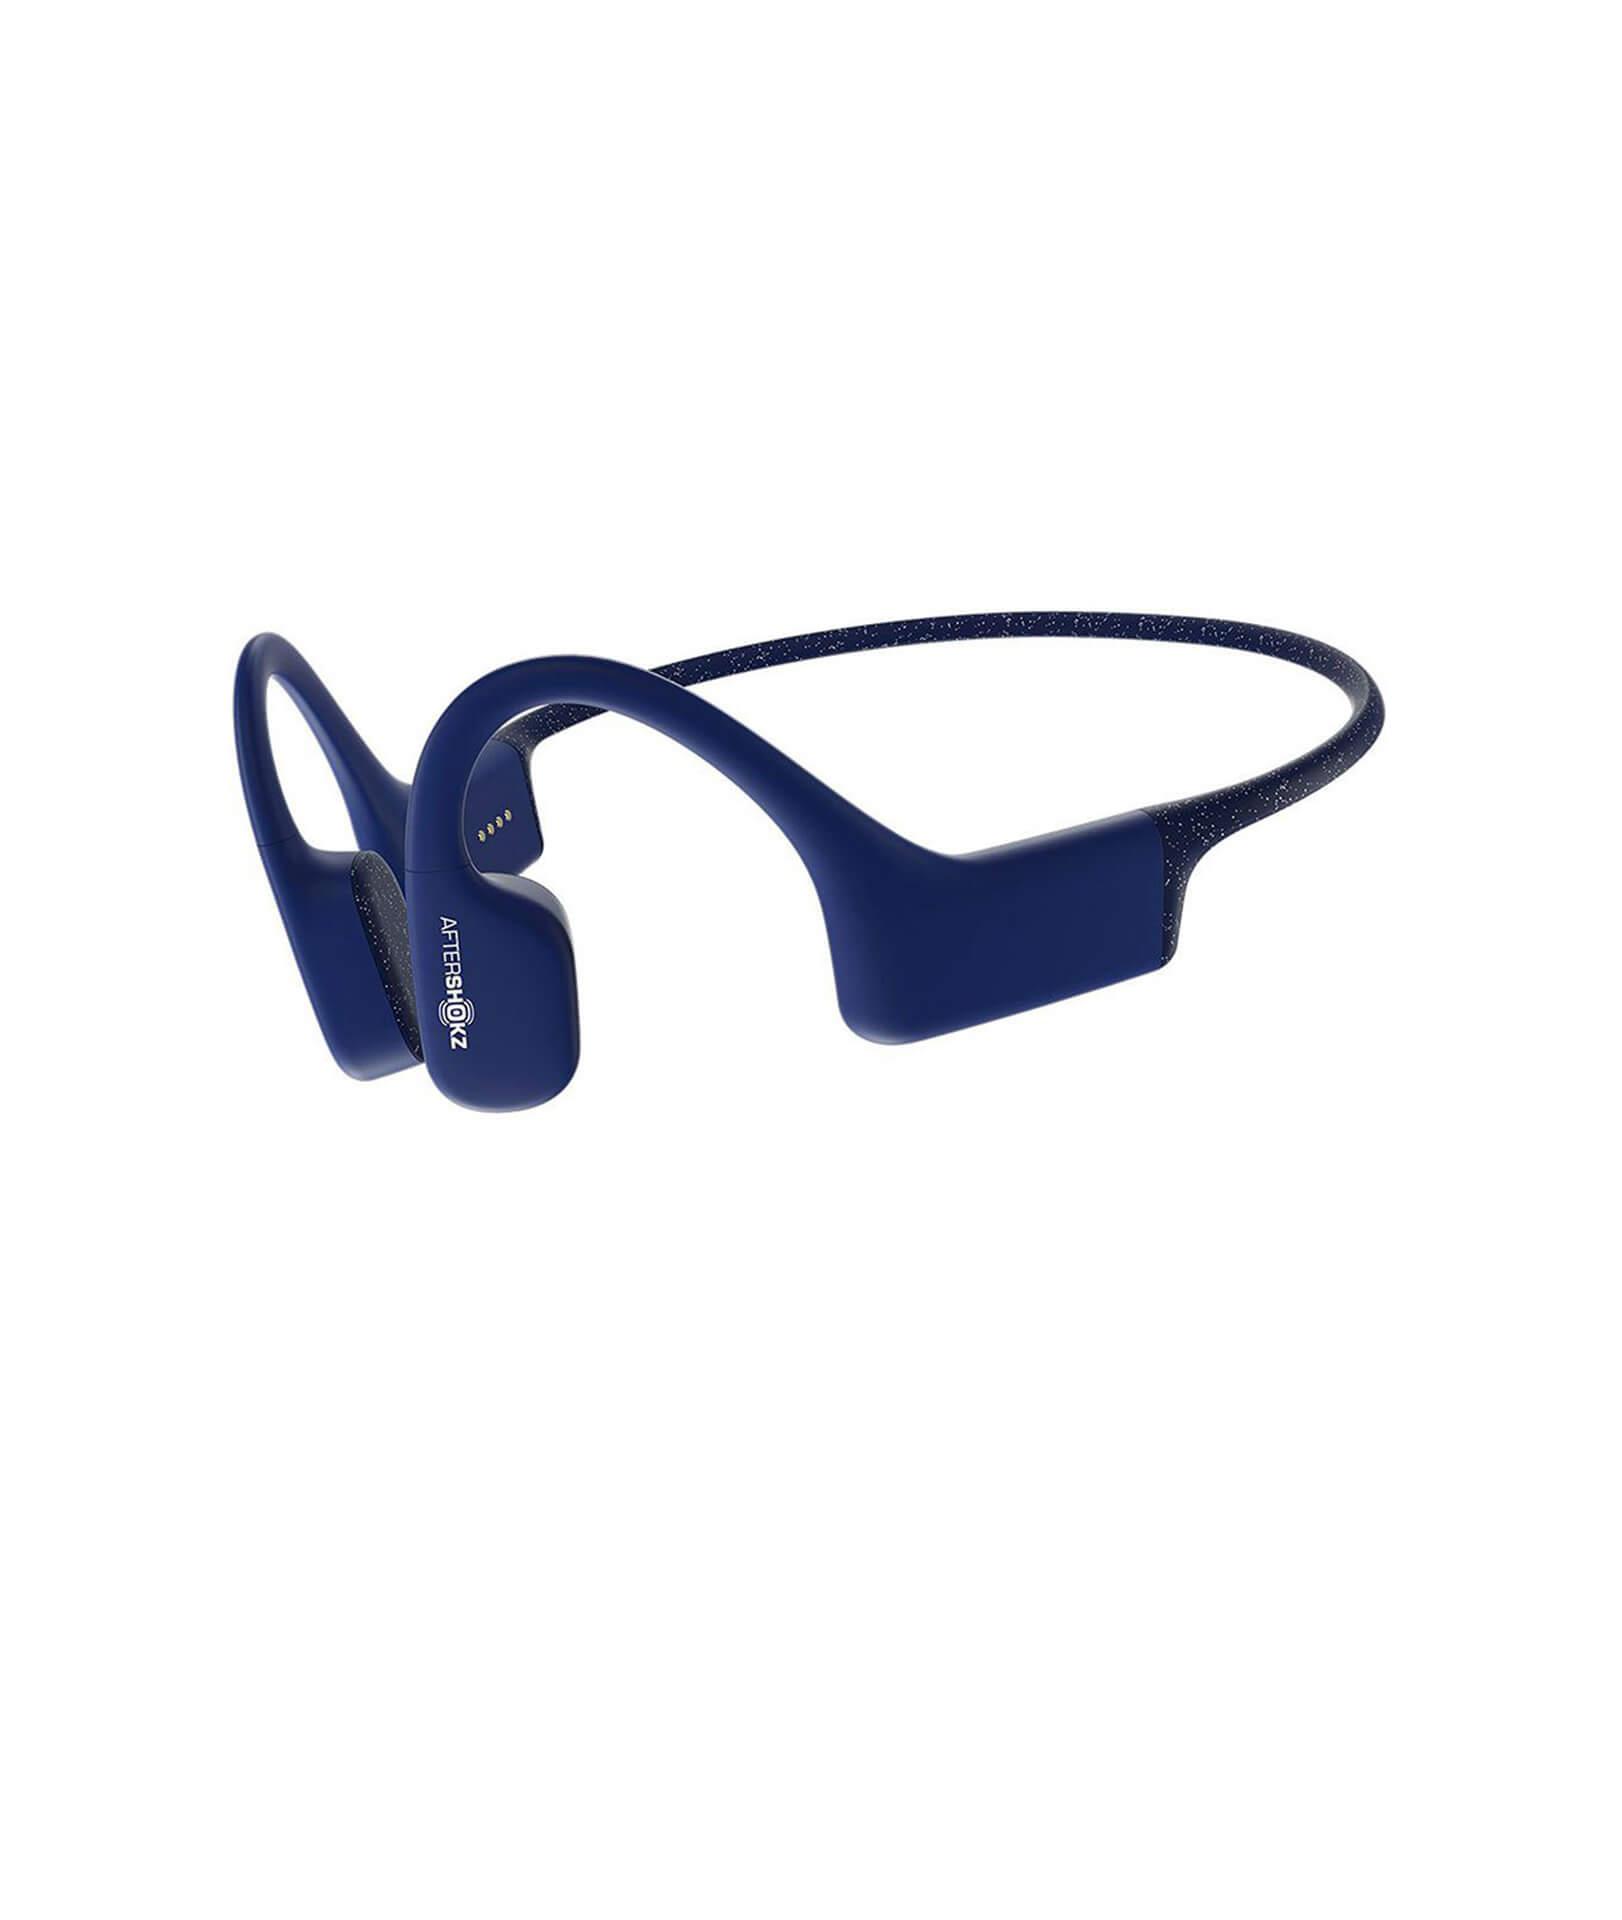 AFTERSHOKZ Casque MP3 XTRAINERZ Bleu à conduction osseuse